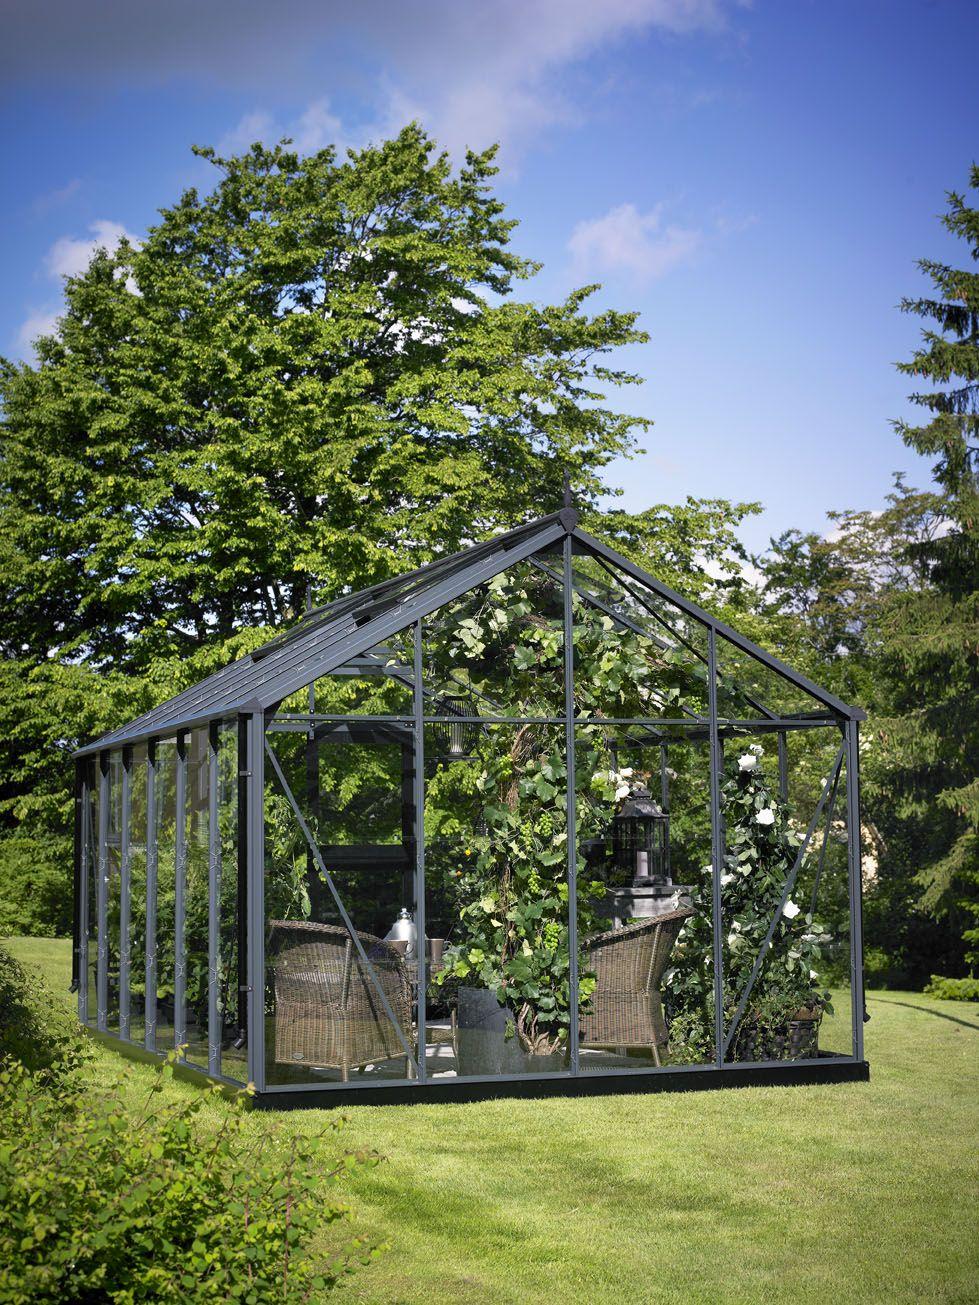 Juliana Premium Greenhouse In Anthracite Finish Orto 400 x 300